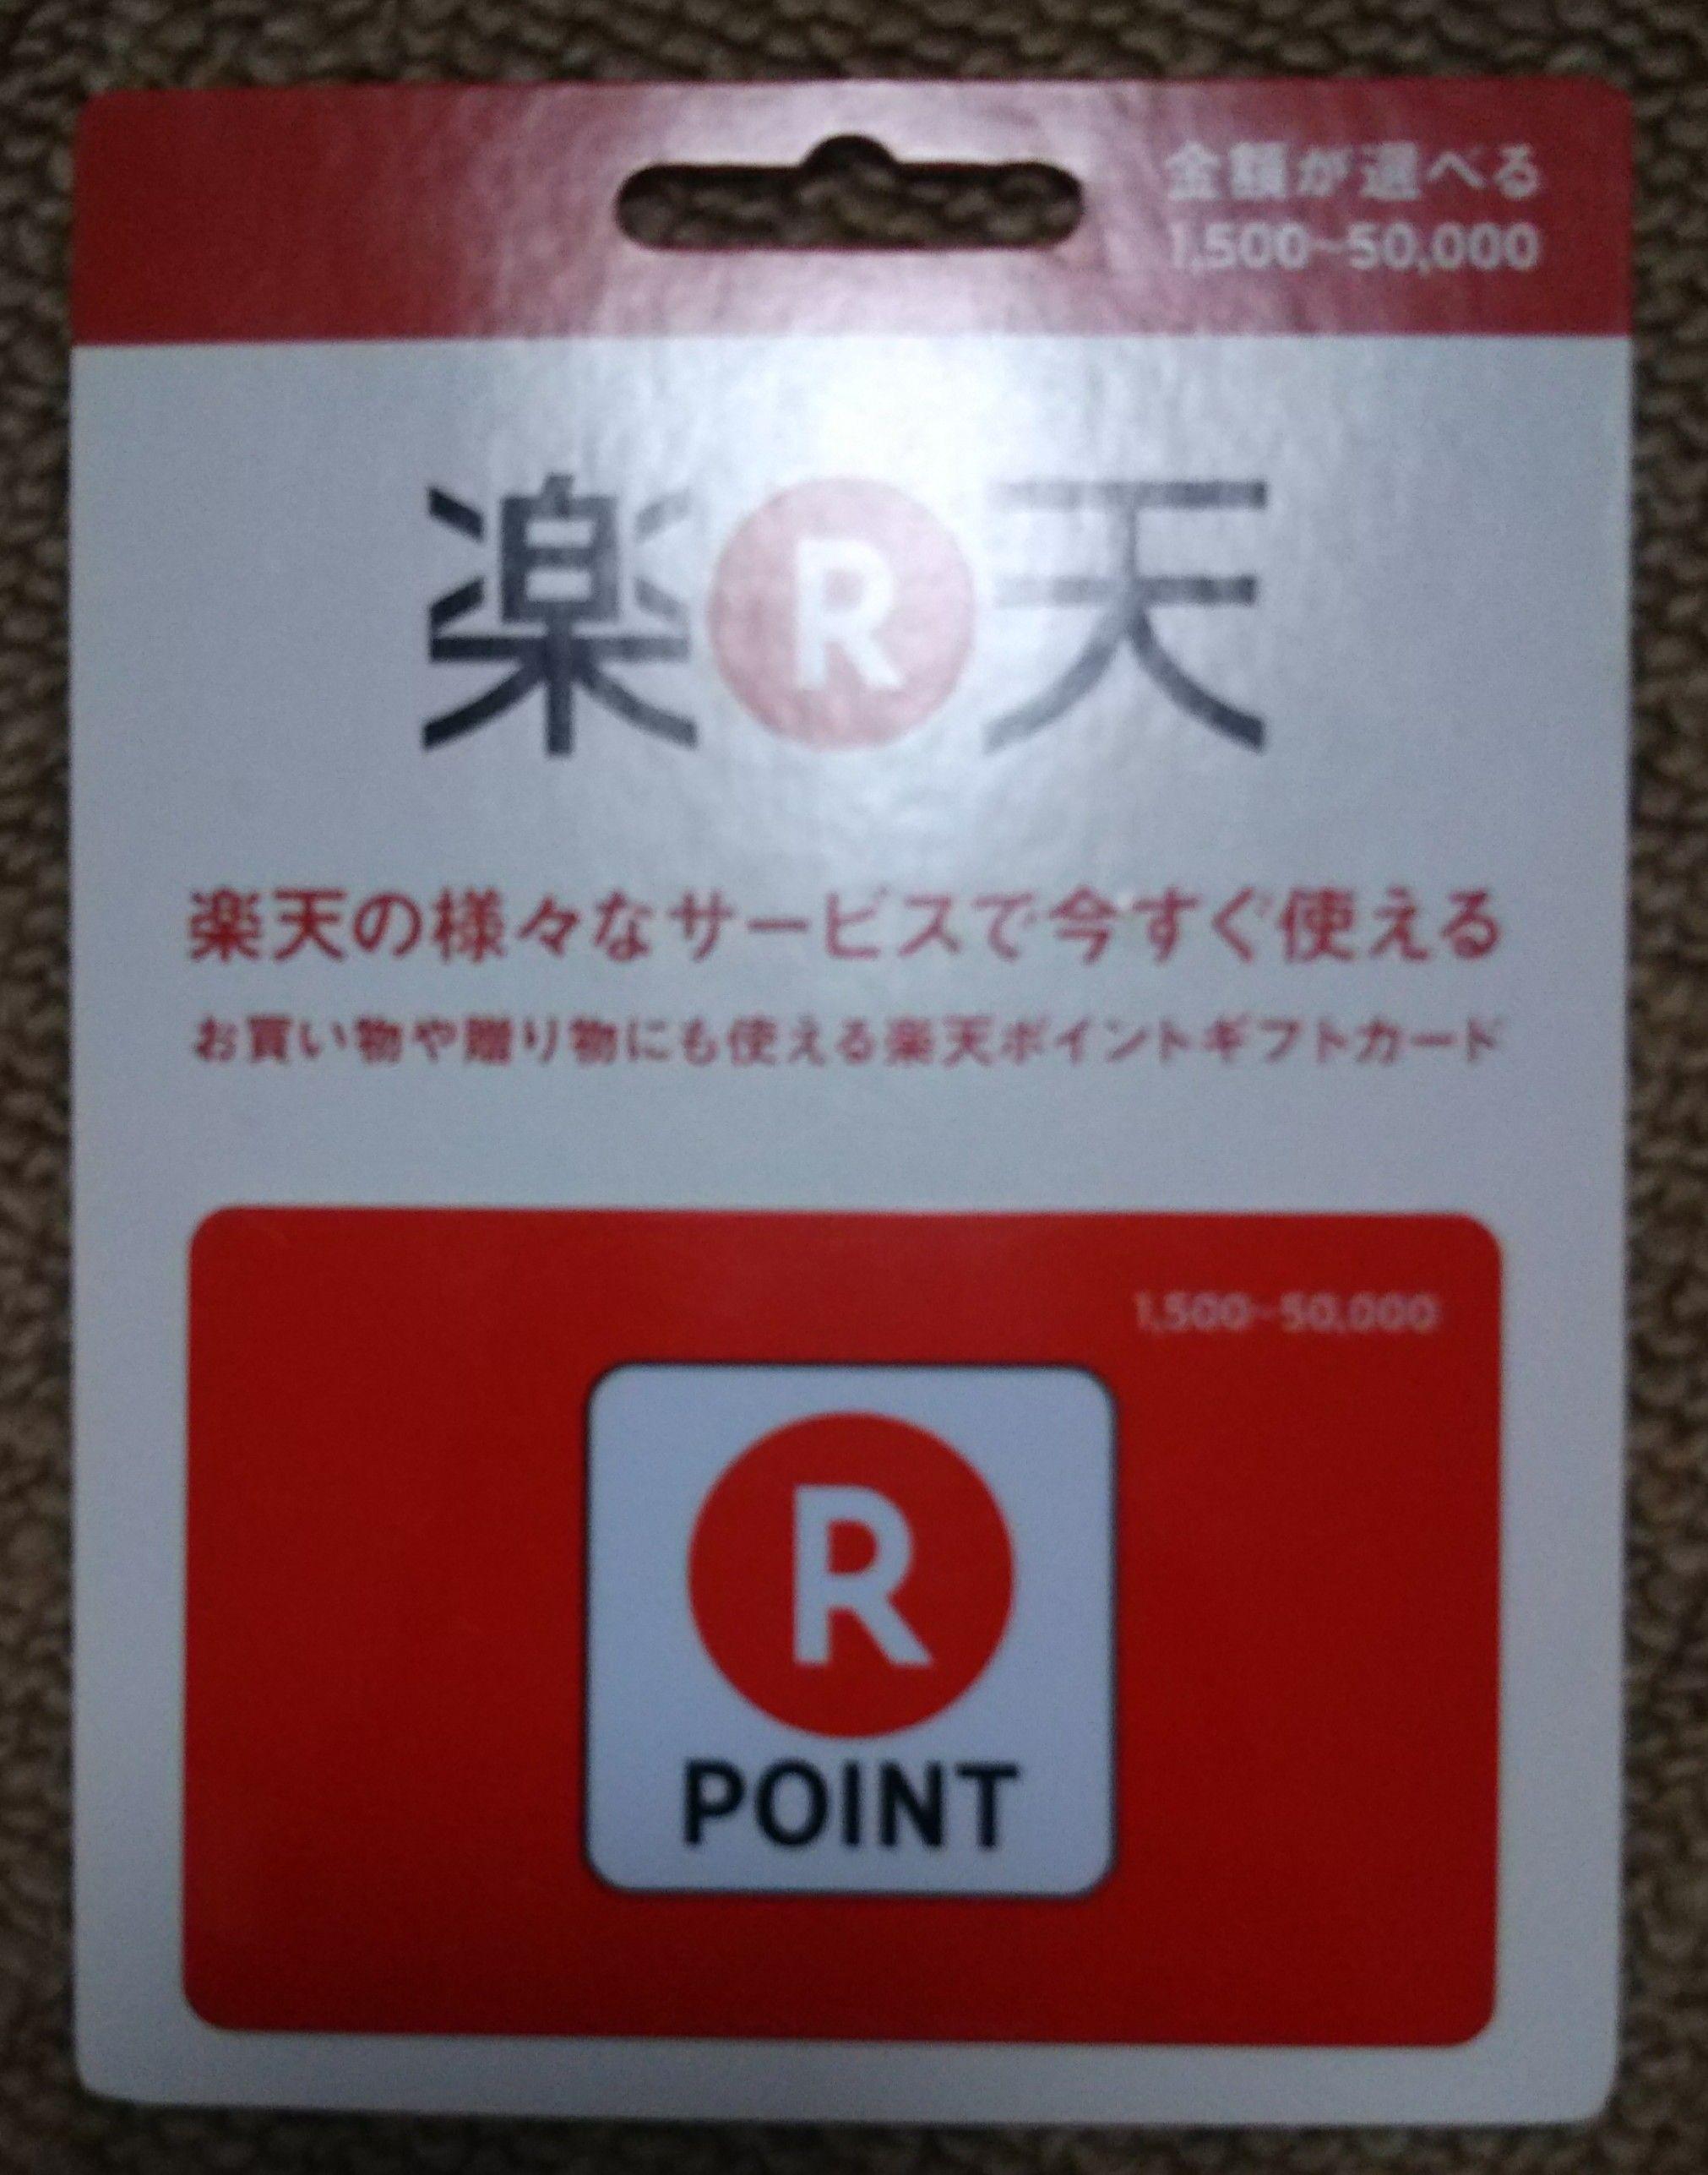 Nanacoにクレジットチャージして楽天バリアブルカードを購入 専業